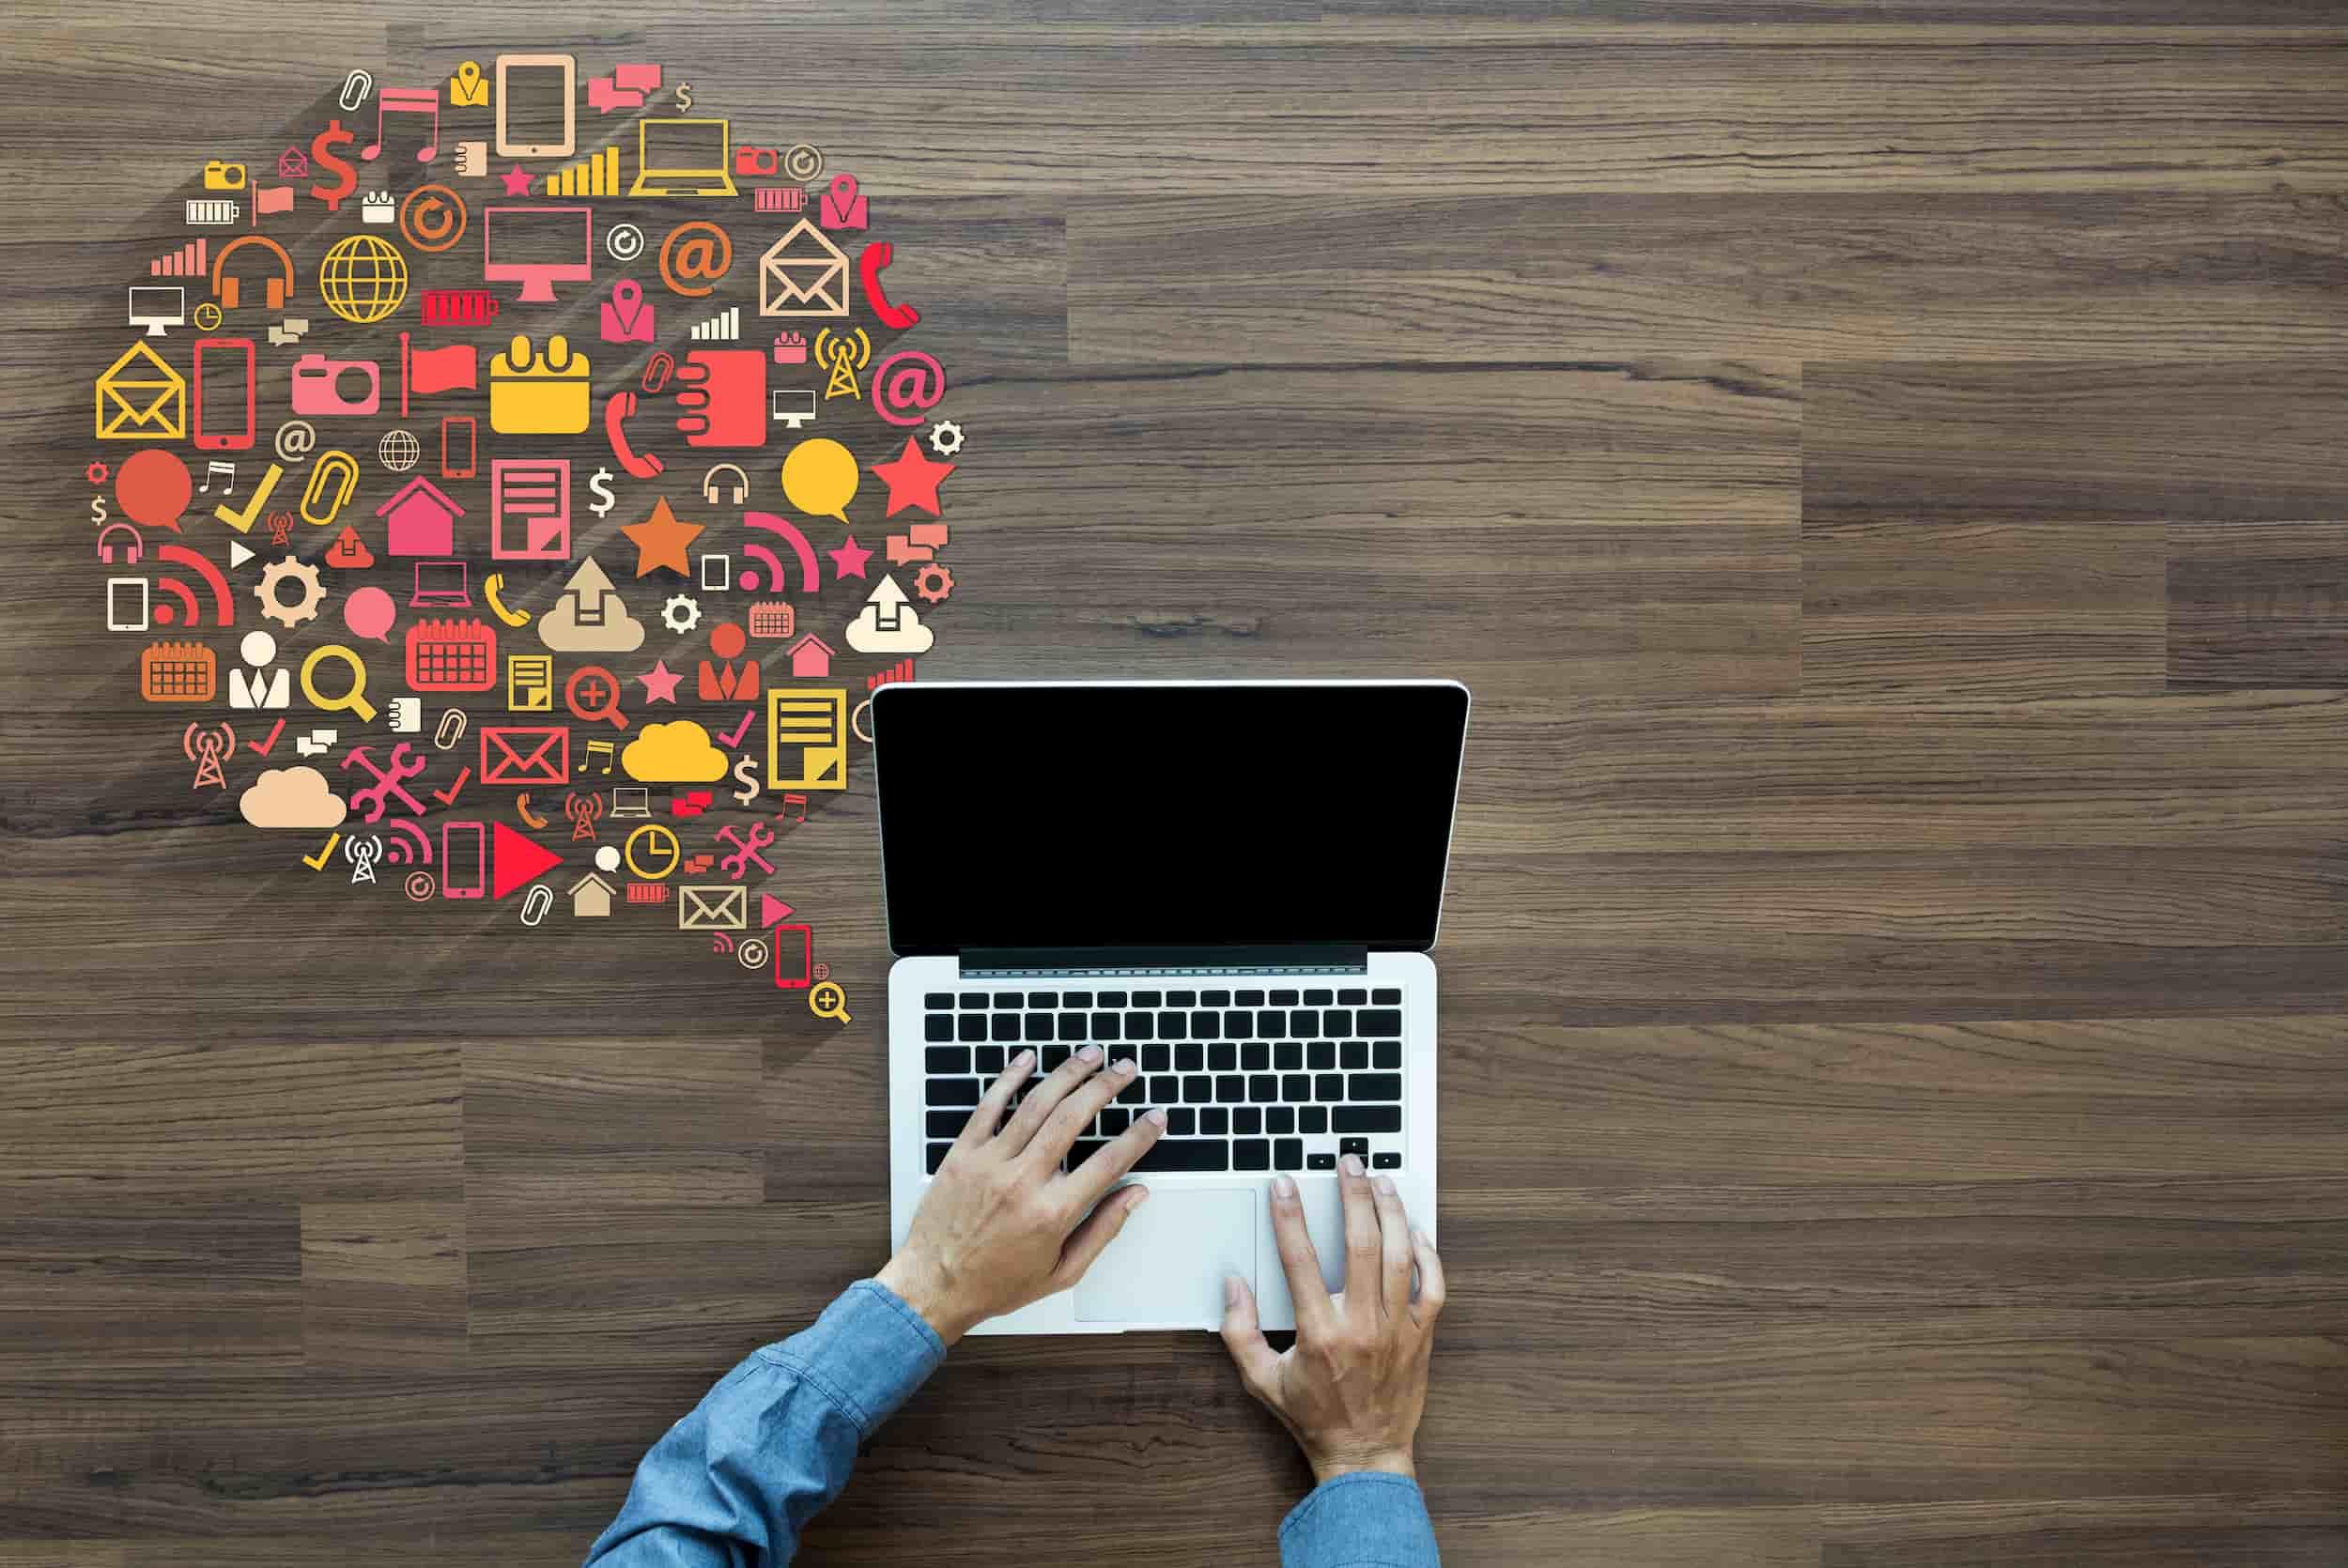 Posicionar-se na internet, <p><span>agregar valor</span></p> a sua marca e fazer a diferença através do marketing digital.